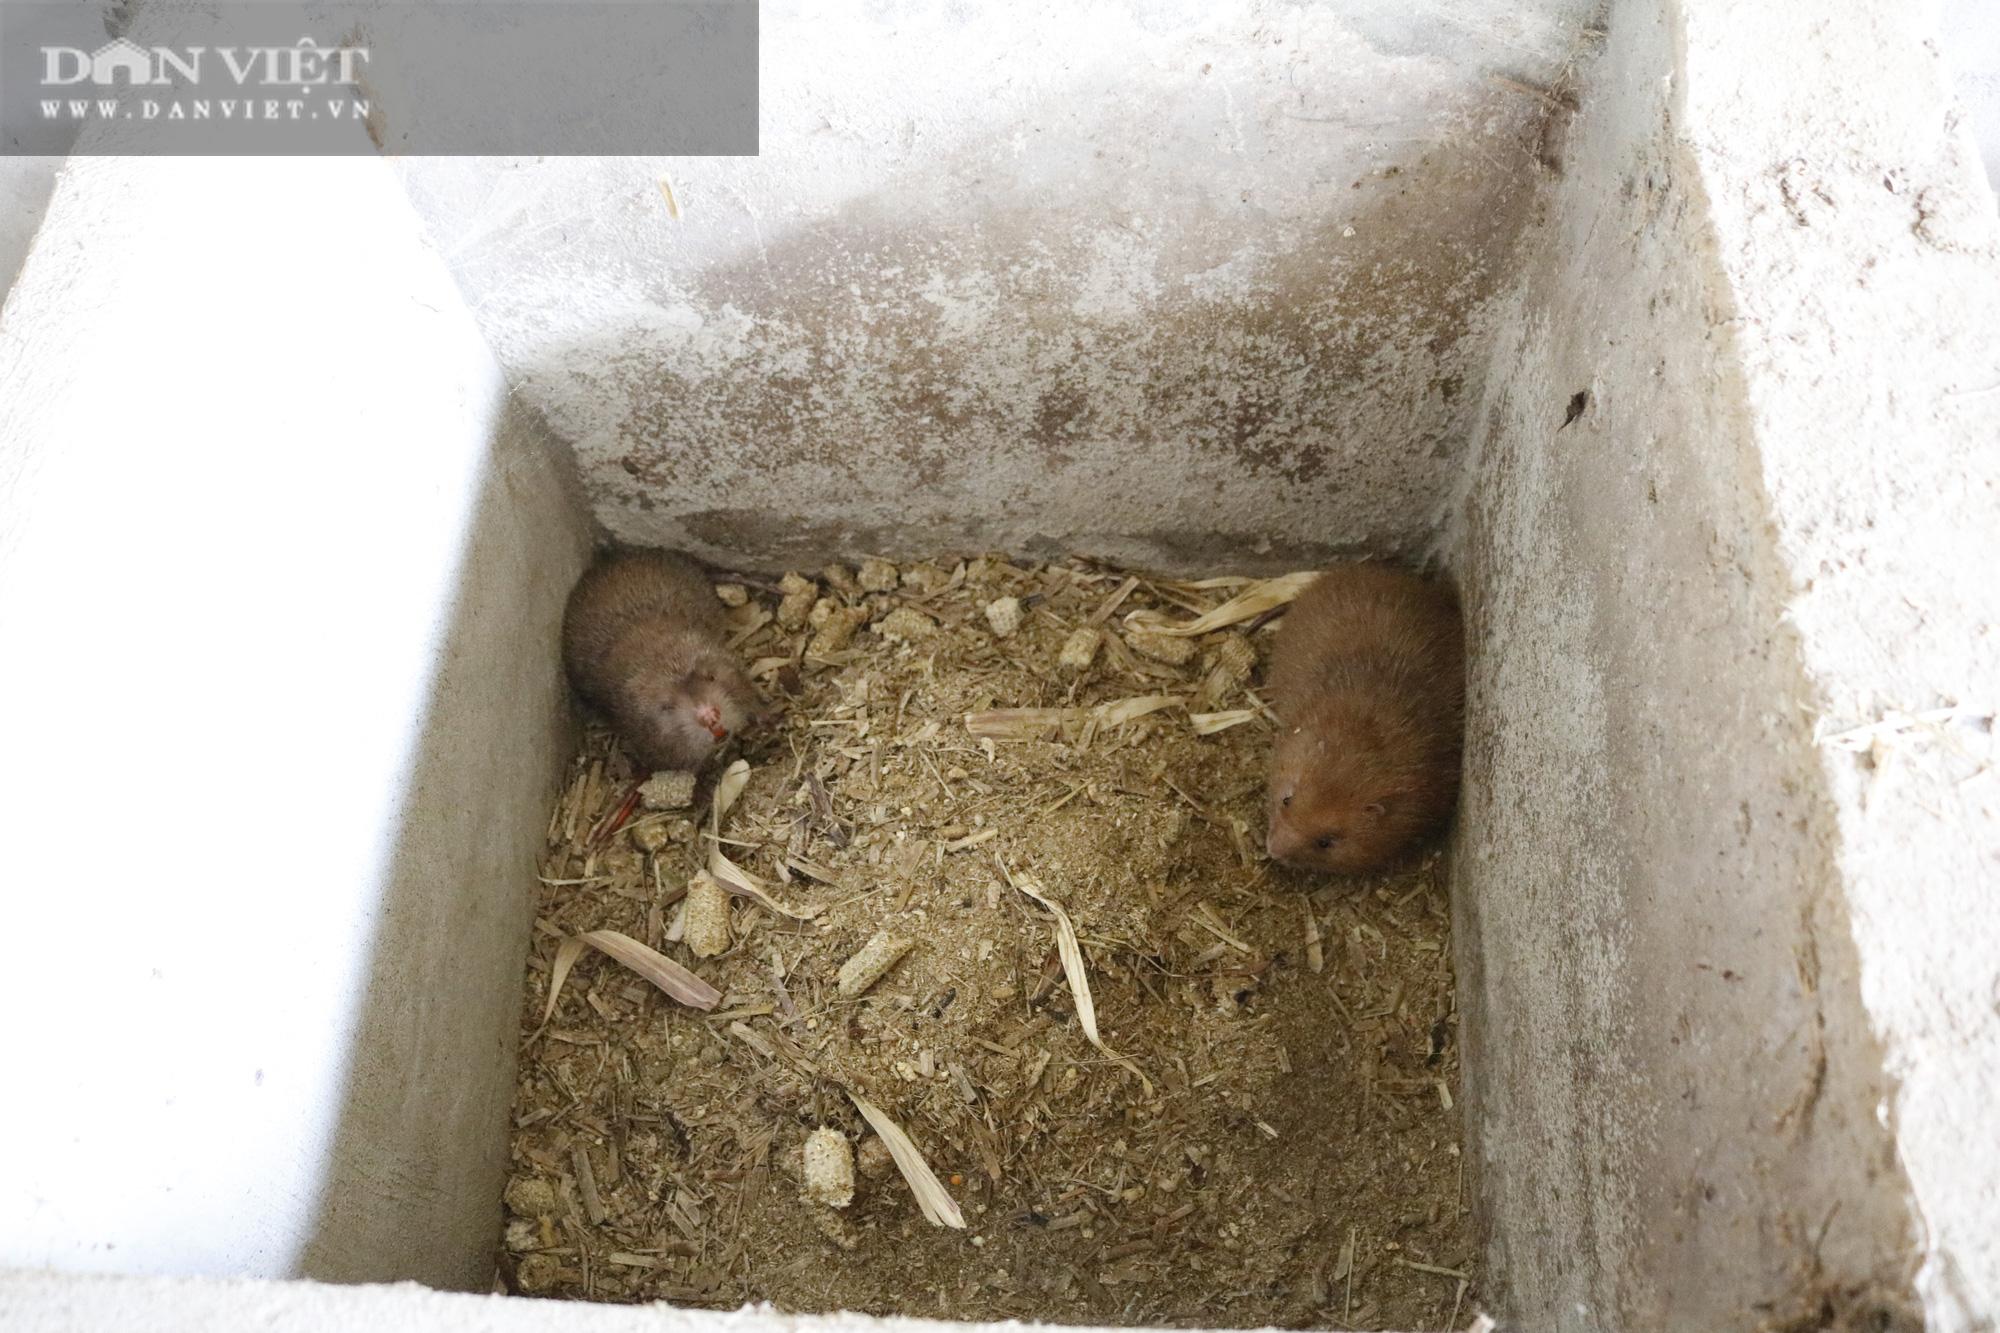 Mang con giống chuột ở rừng về nuôi, những thanh niên này bất ngờ đổi đời - Ảnh 4.